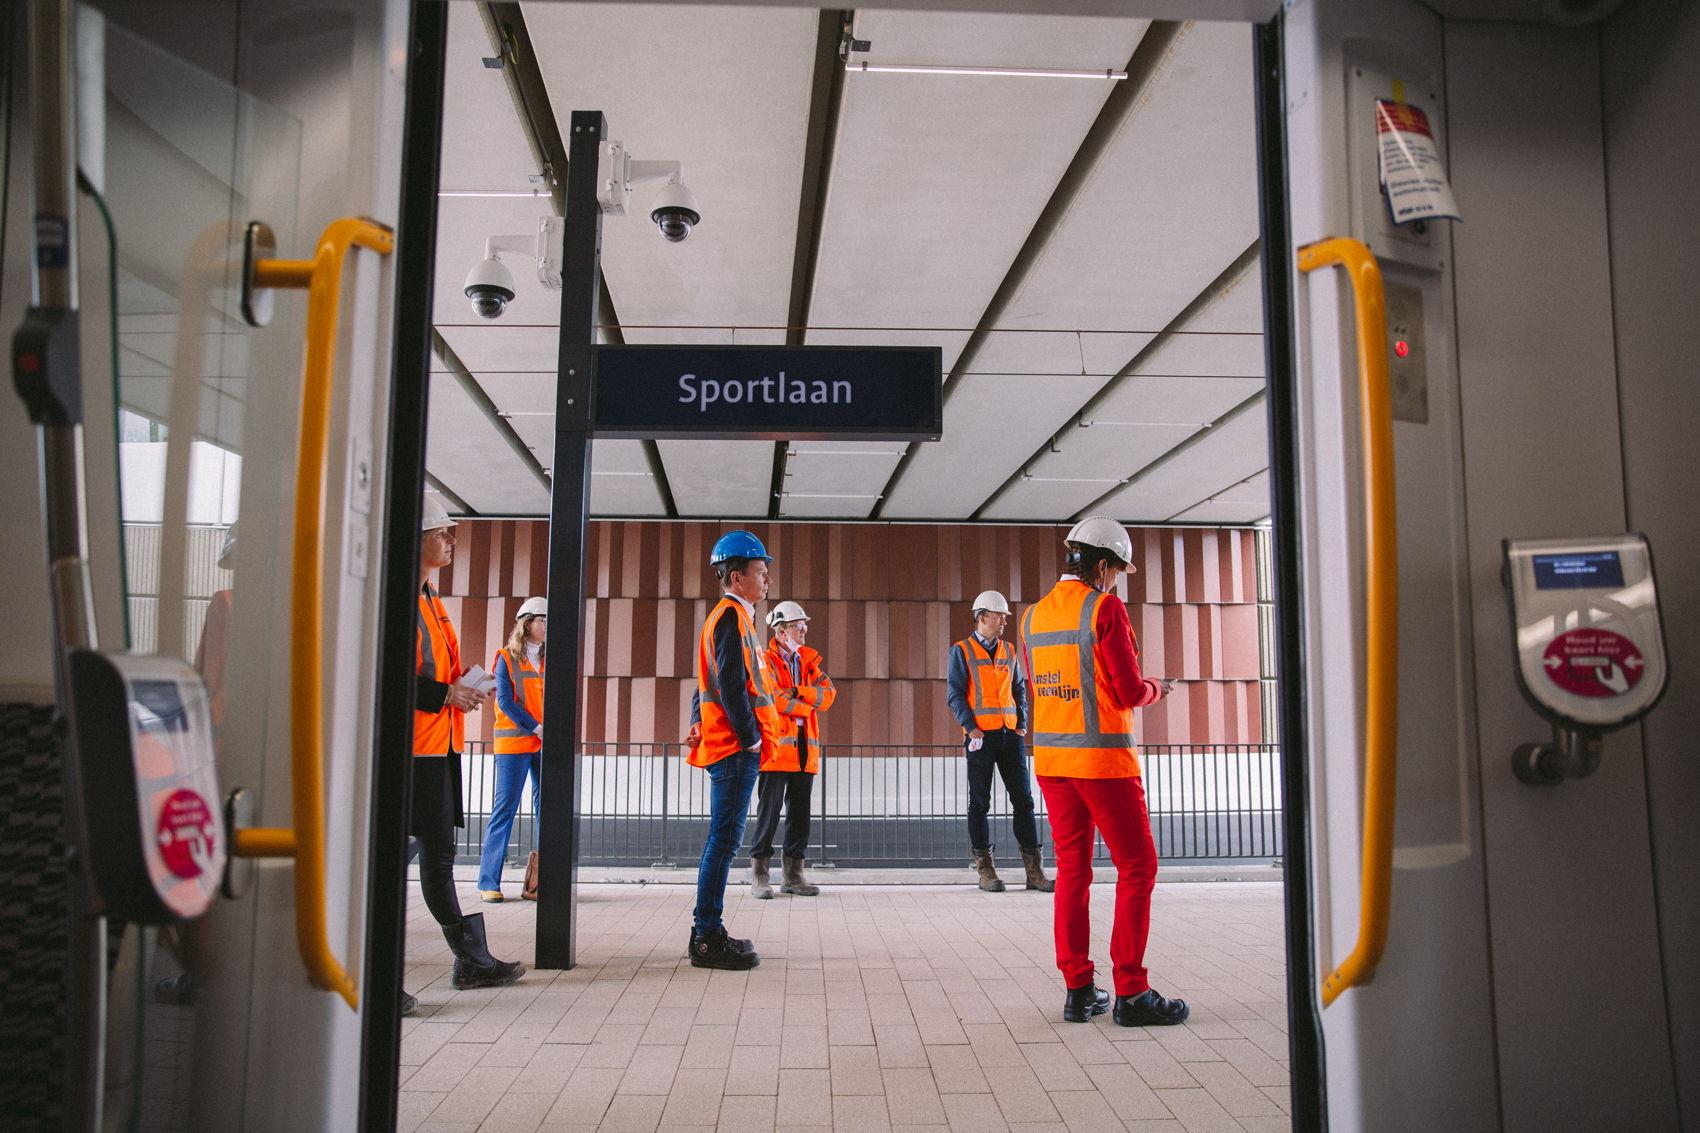 De aanwezigen maakten een testrit tussen Stadshart en het opstelterrein met een stop op halte Sportlaan.